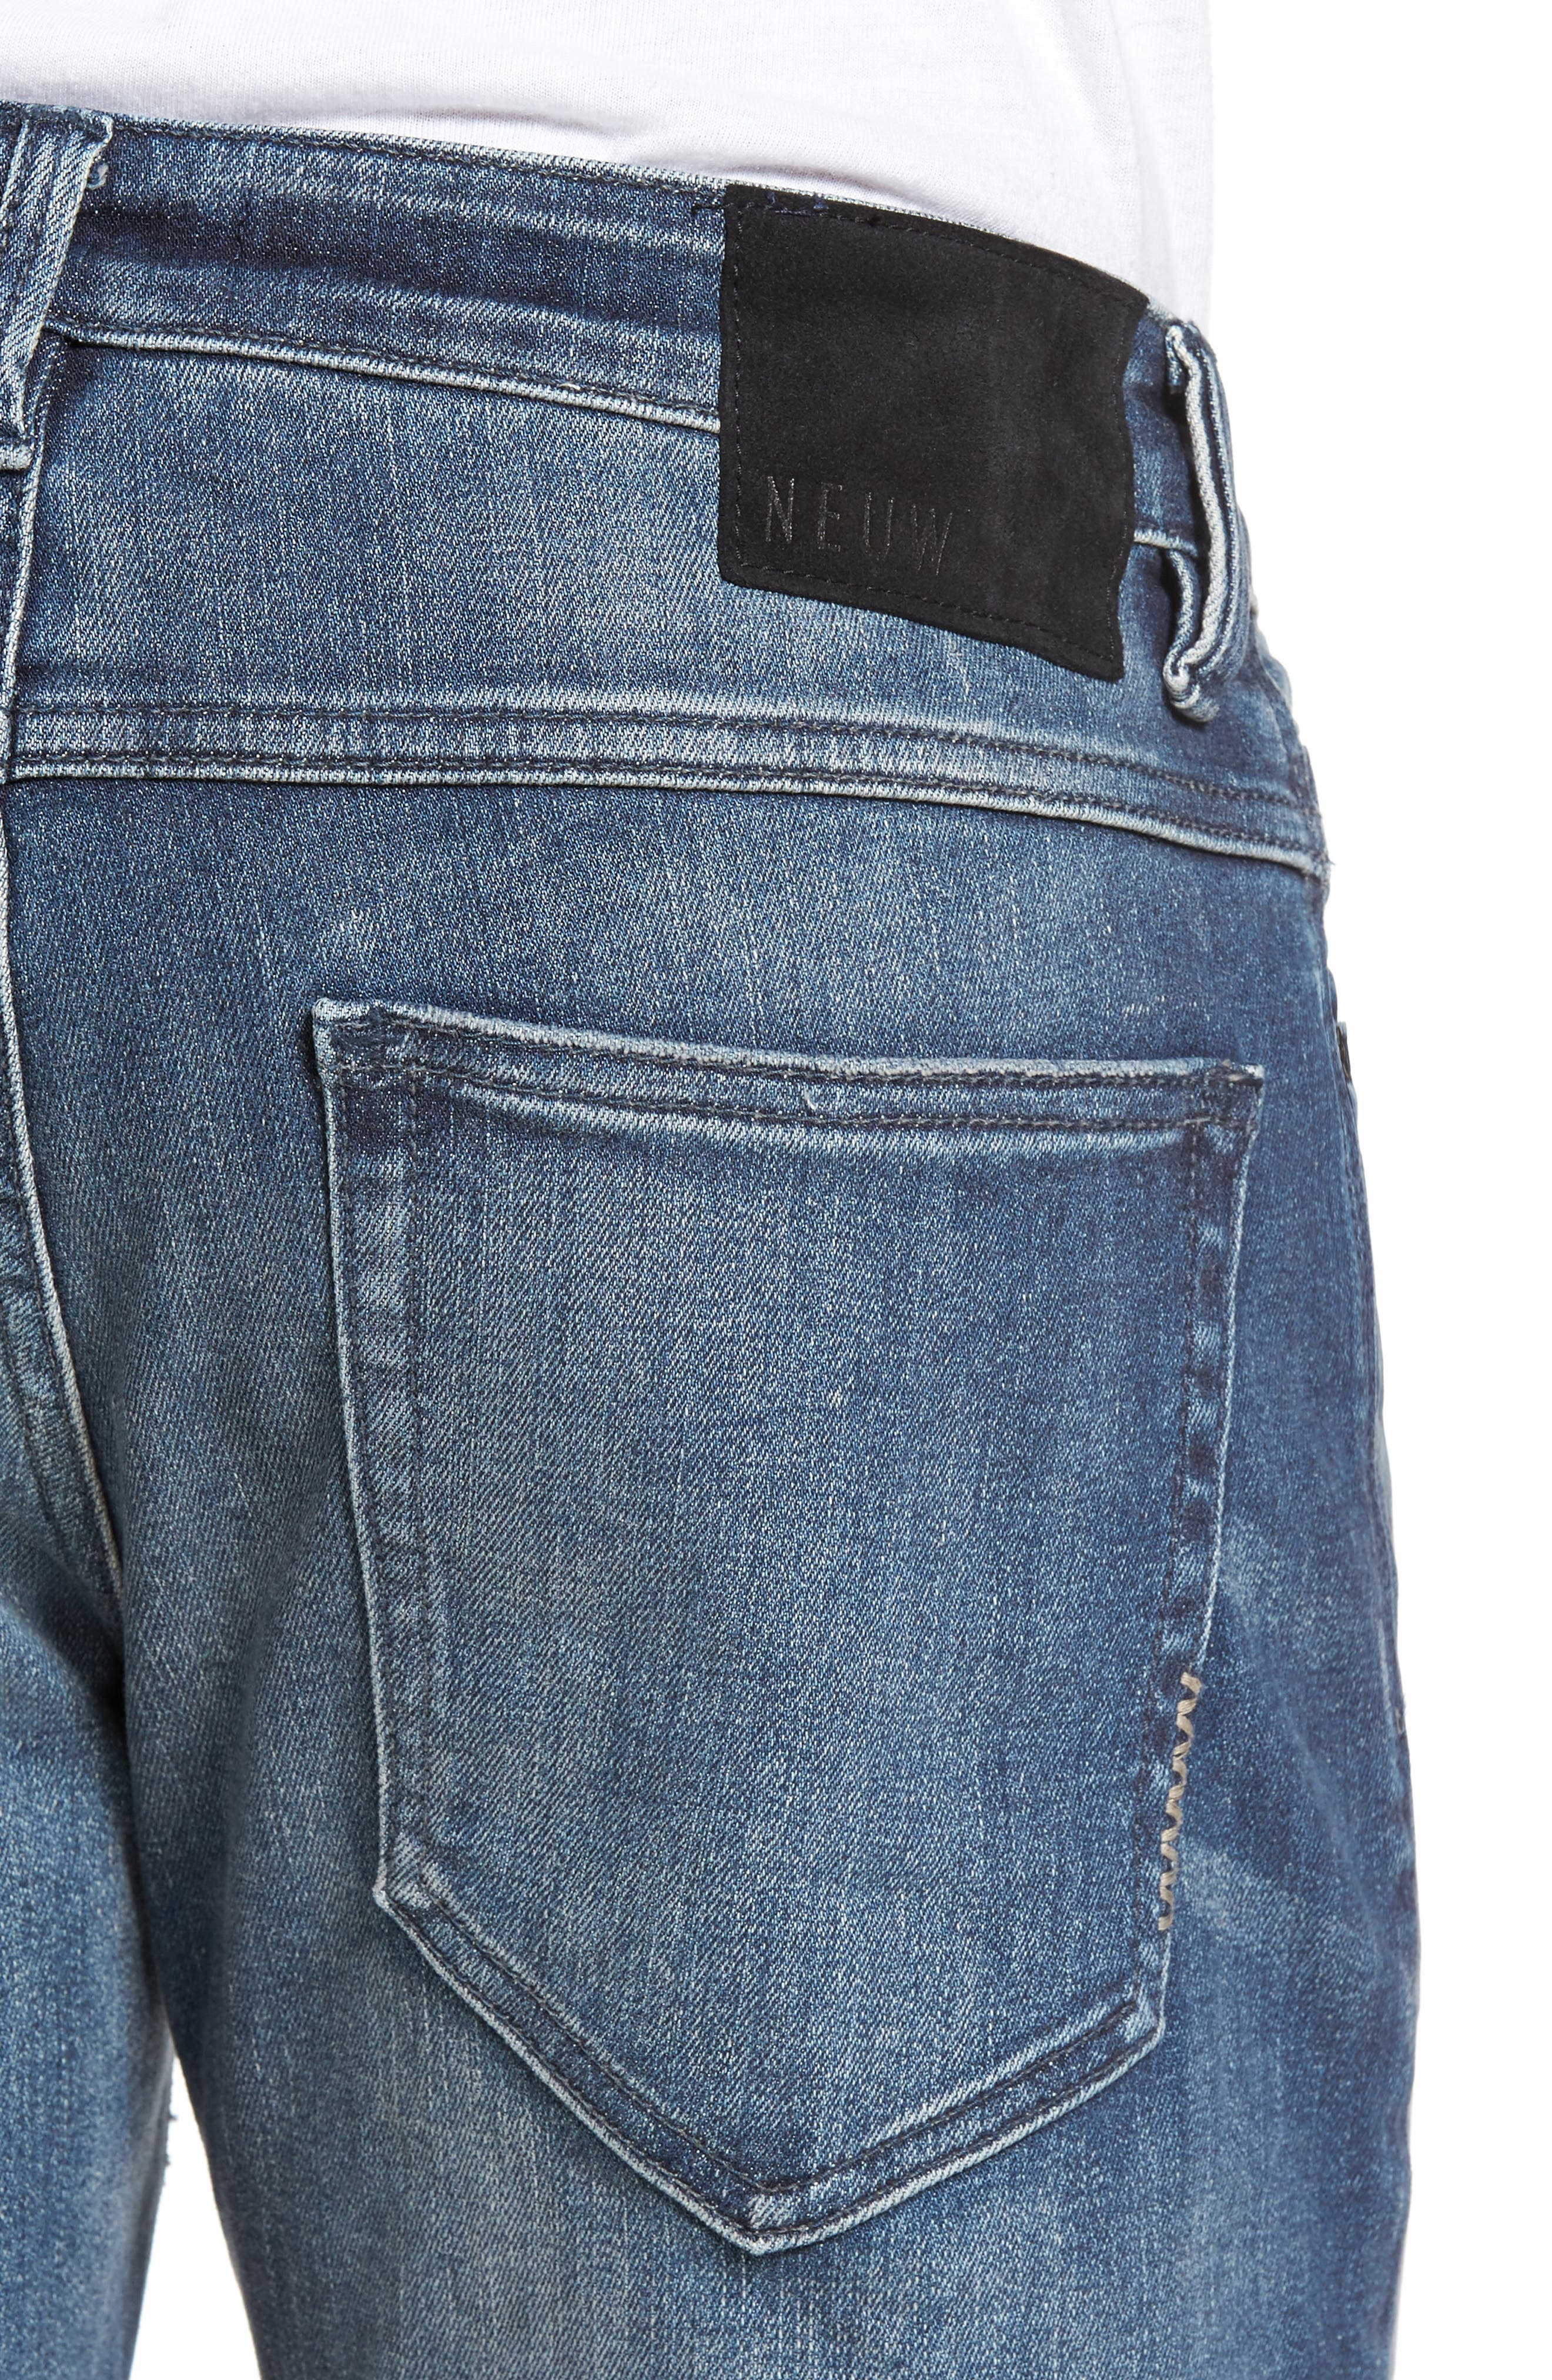 Lou Slim Fit Jeans,                             Alternate thumbnail 4, color,                             403